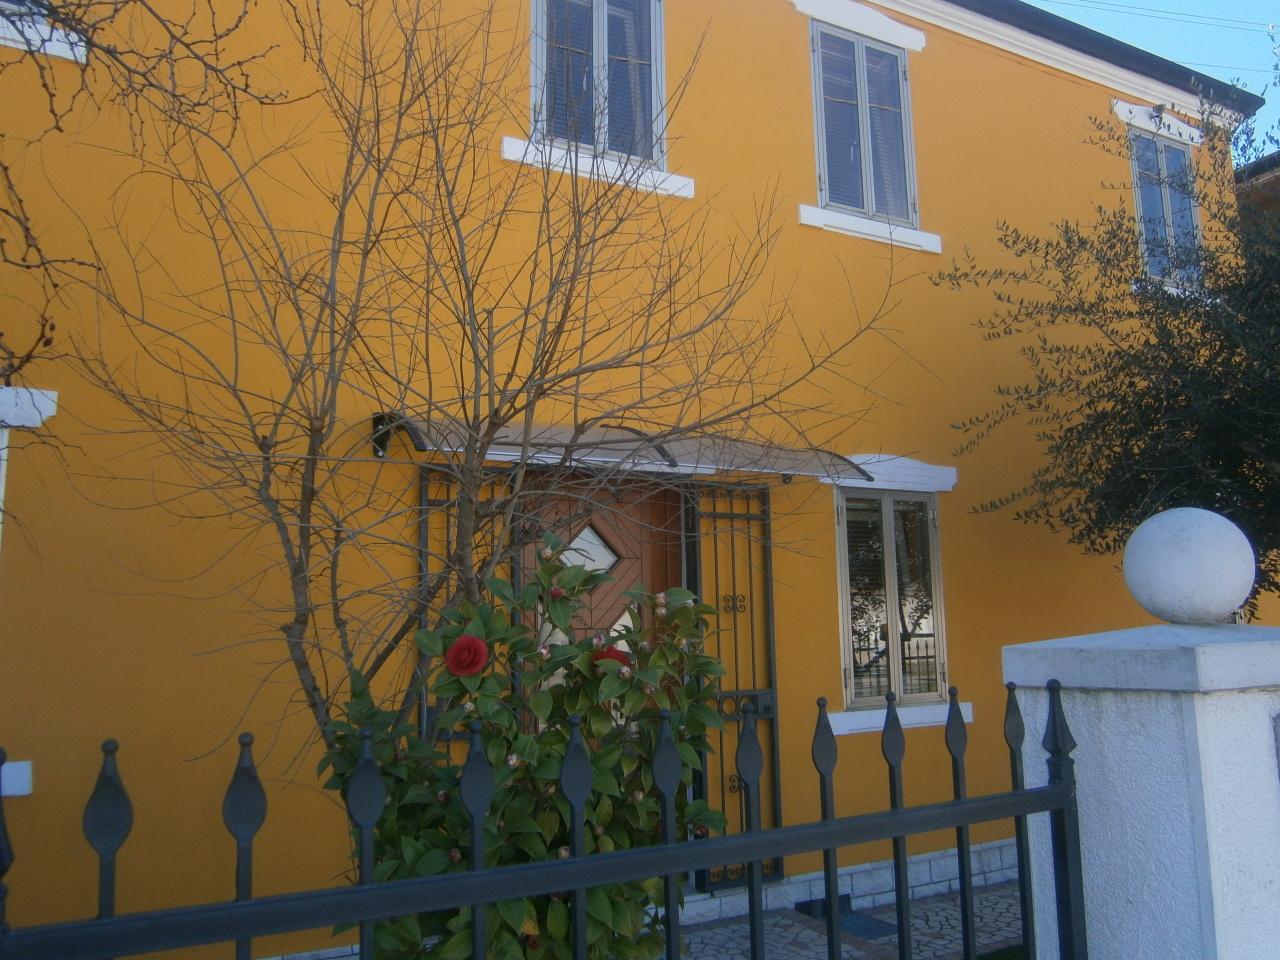 Soluzione Indipendente in vendita a Lonigo, 9 locali, prezzo € 210.000 | Cambio Casa.it